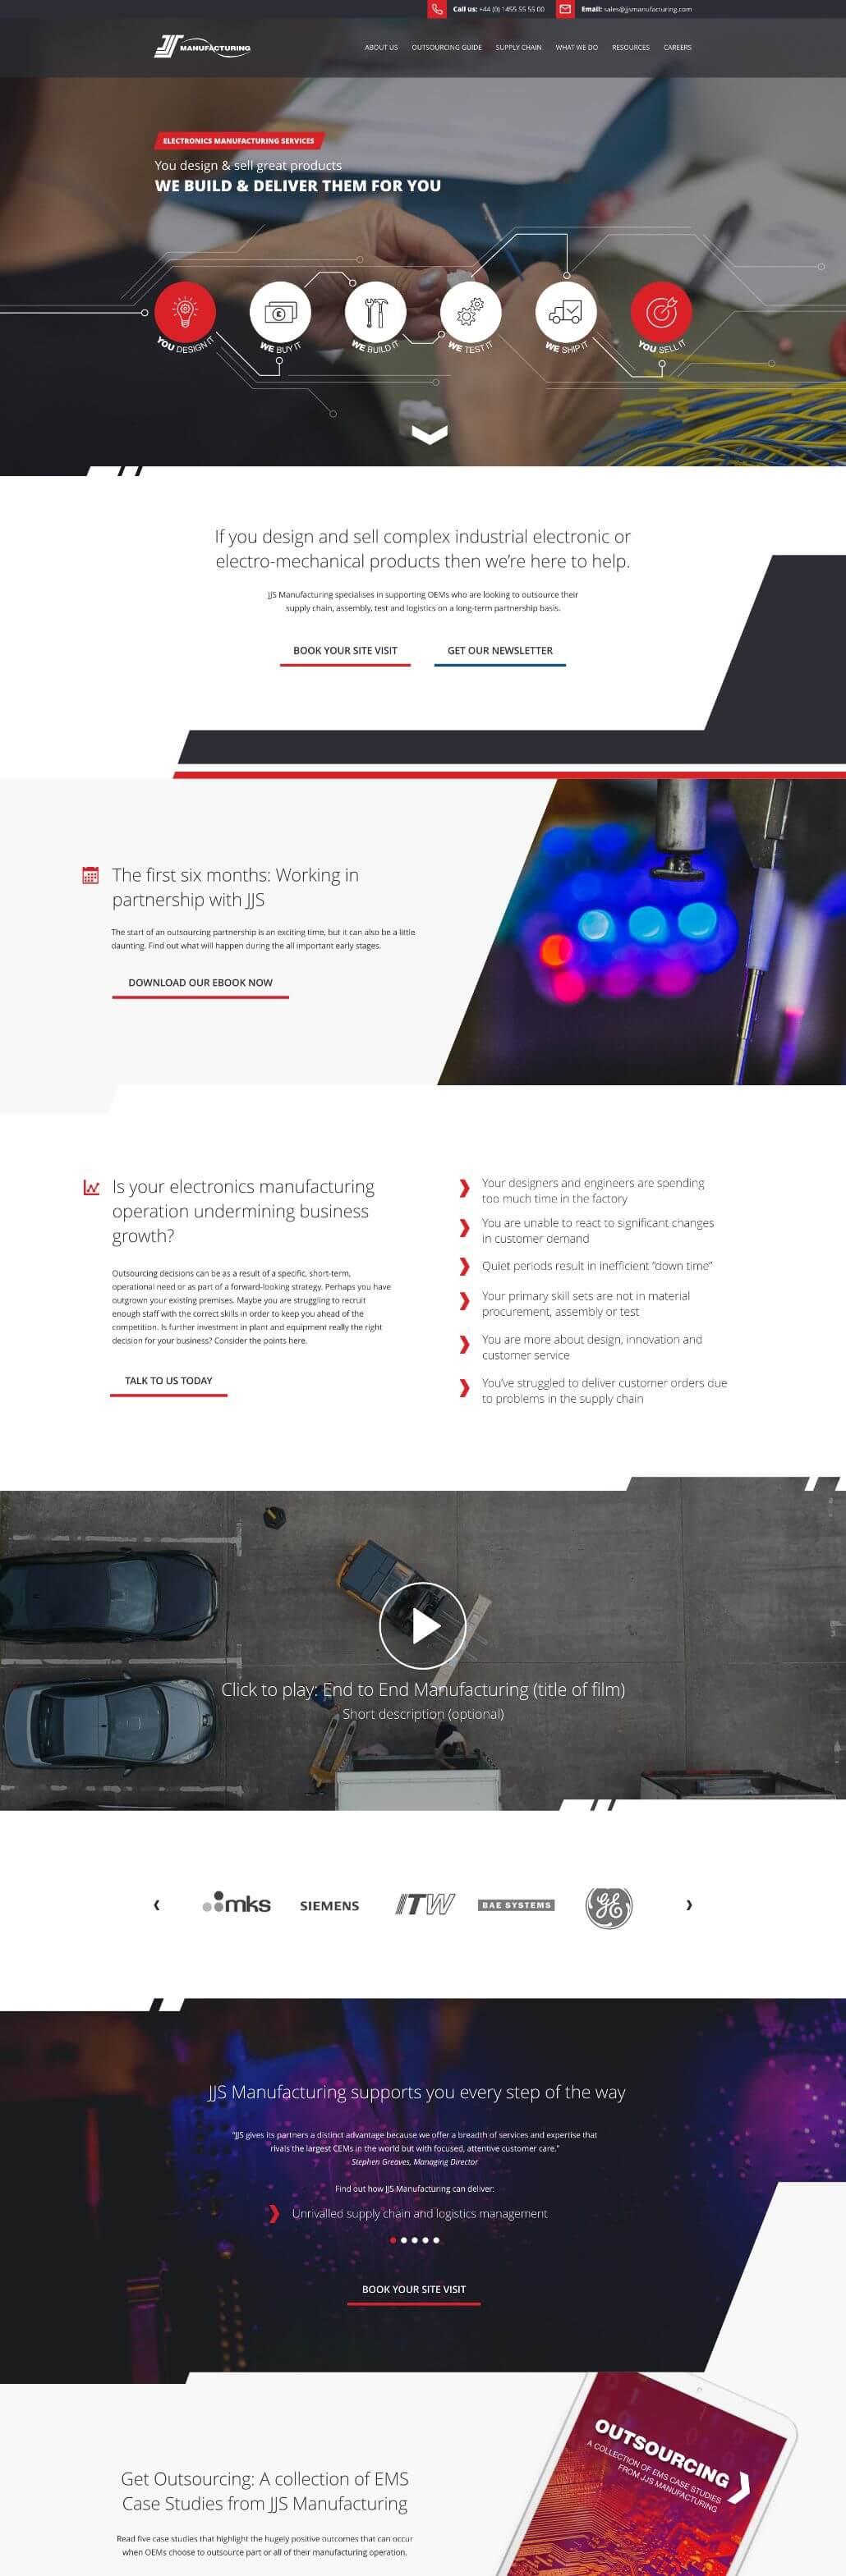 JJS-HomeScreen-Equinet-Media-UpSc-jpg@2xComp